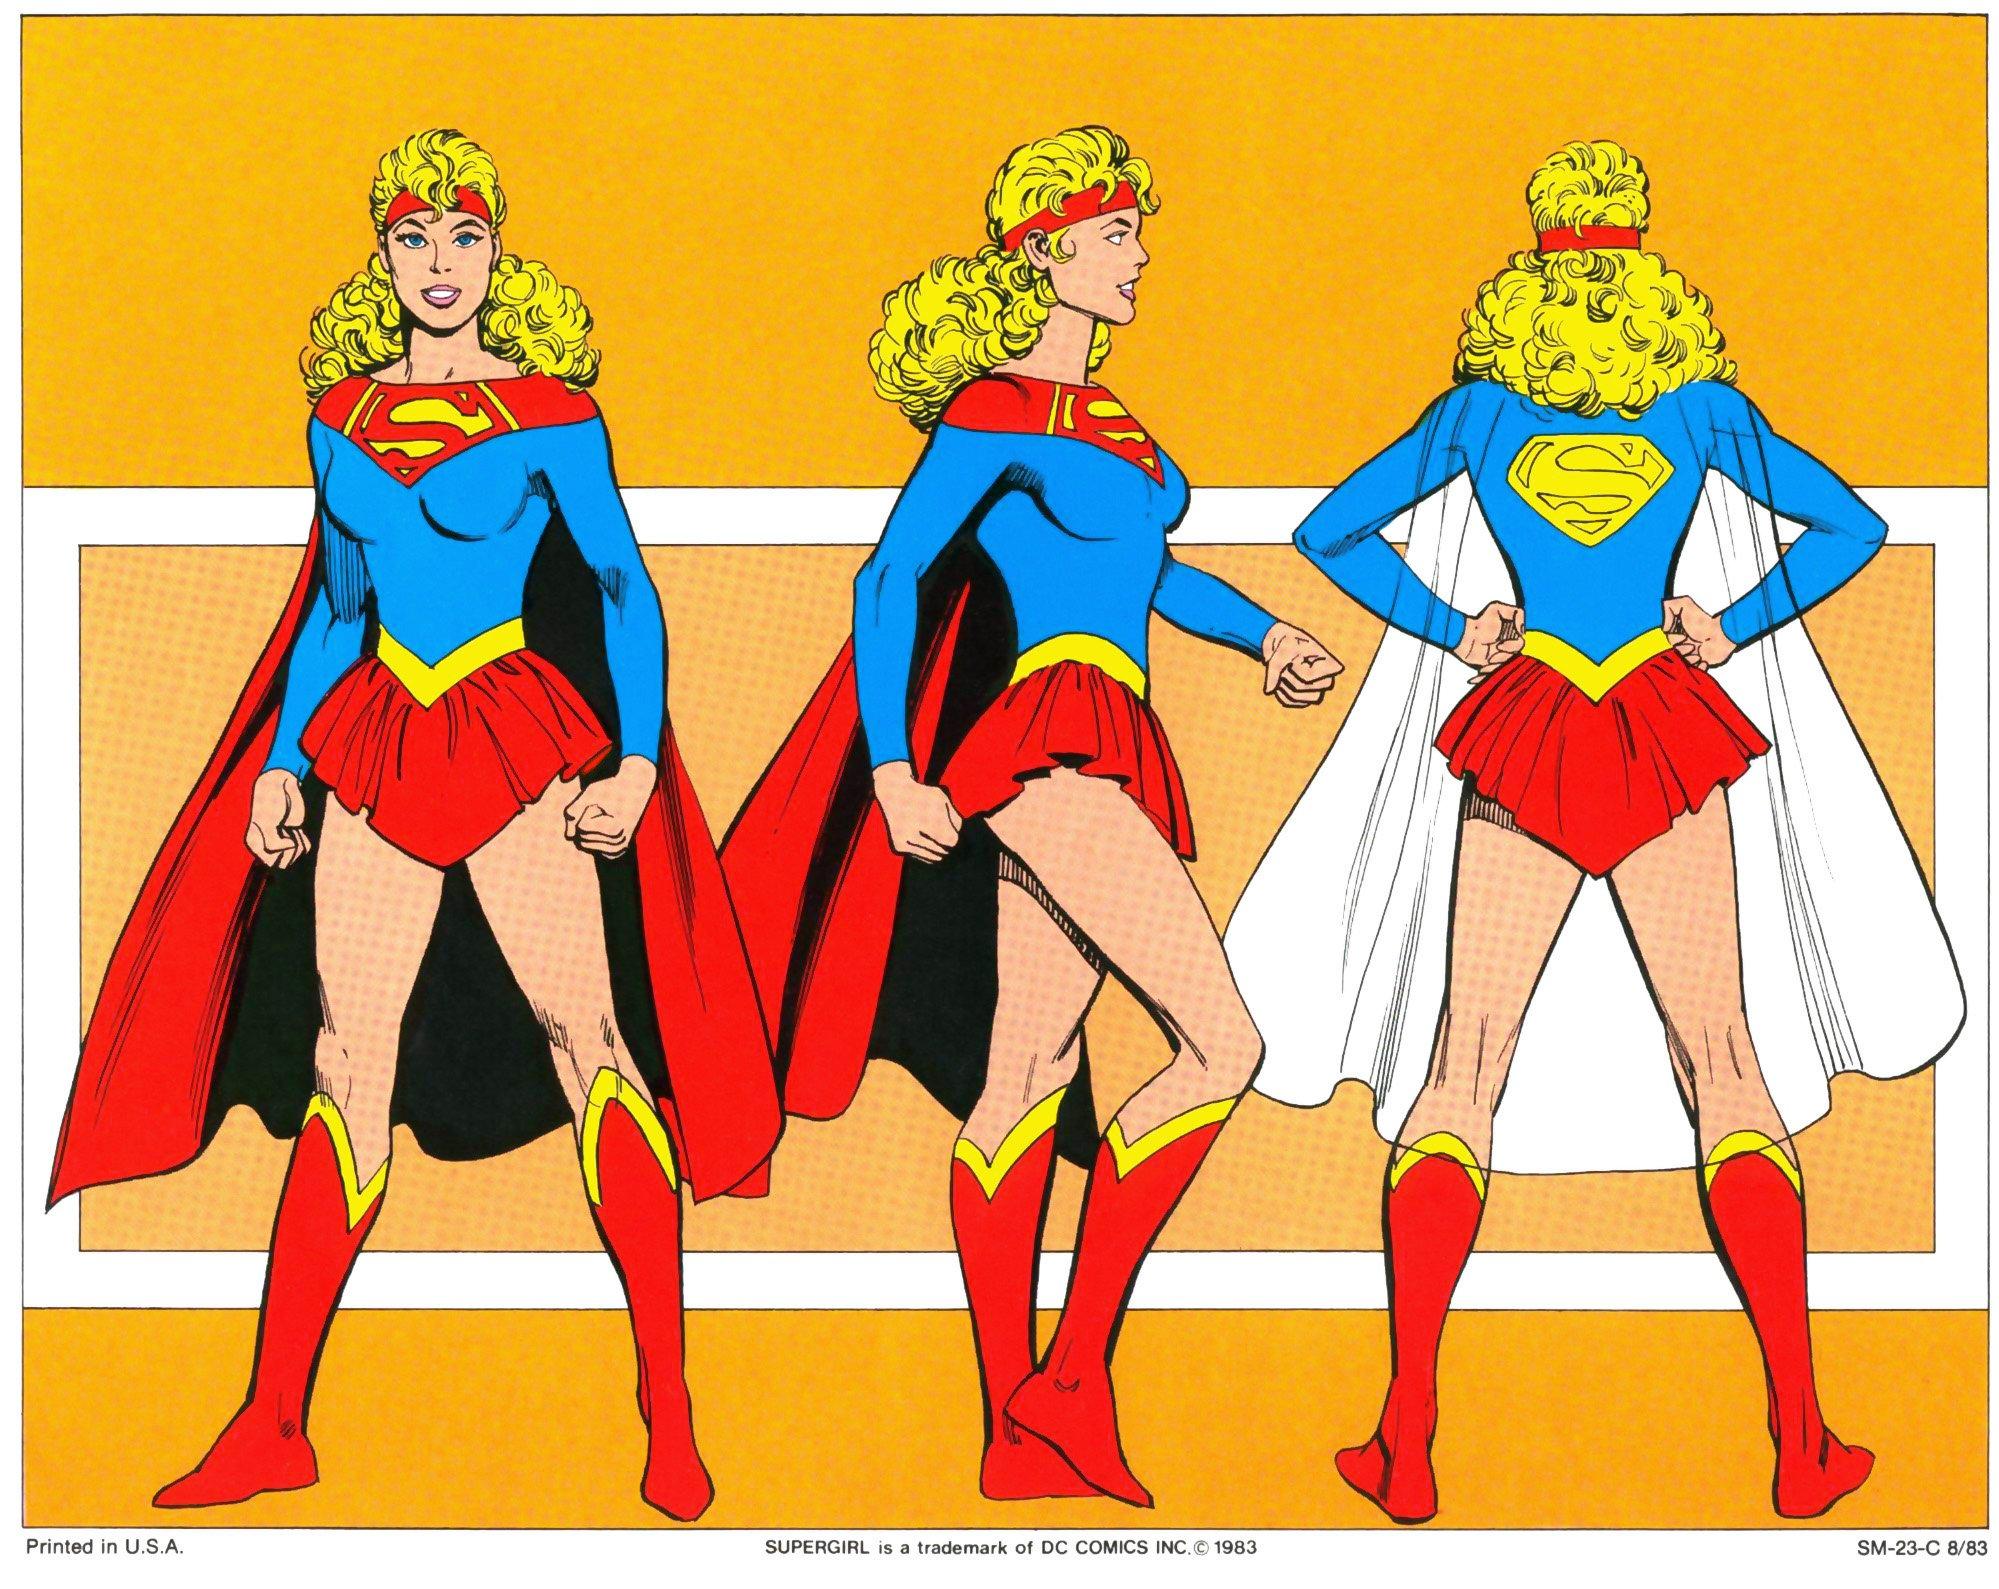 [TV] Supergirl - Irmã da Lois escolhida! - Página 8 Supergirlstyleguide